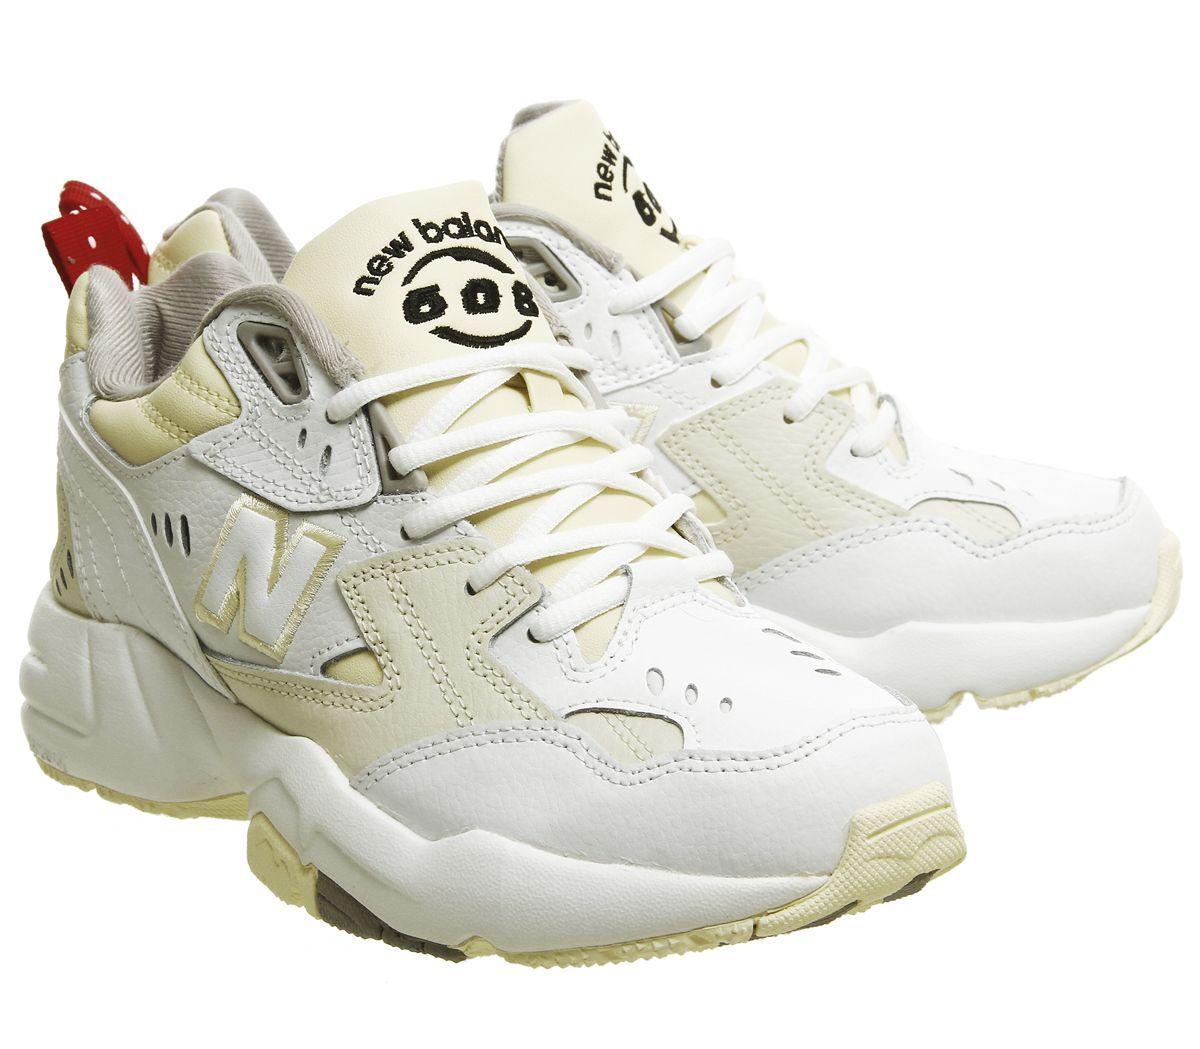 neue Stile erster Blick Verkauf Einzelhändler New Balance 608 White Cream - His trainers | spring/ summer ...